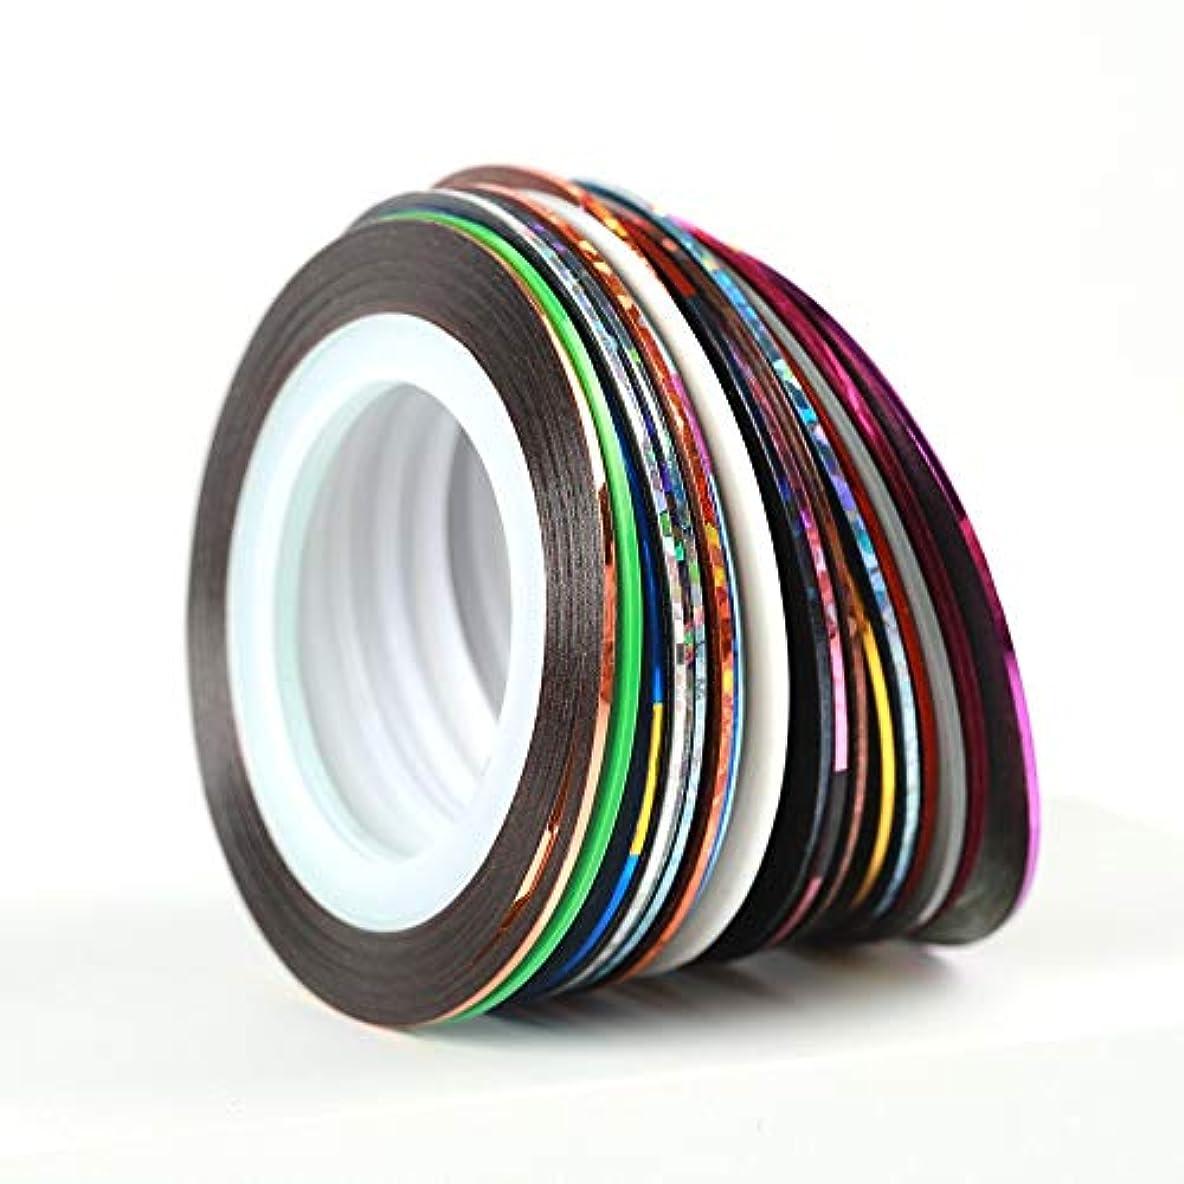 悲しいことに厚くするヘッジ30个ストライピングテープラインネイルアートデコレーションステッカーDIYネイルステッカーミックス色ロールス